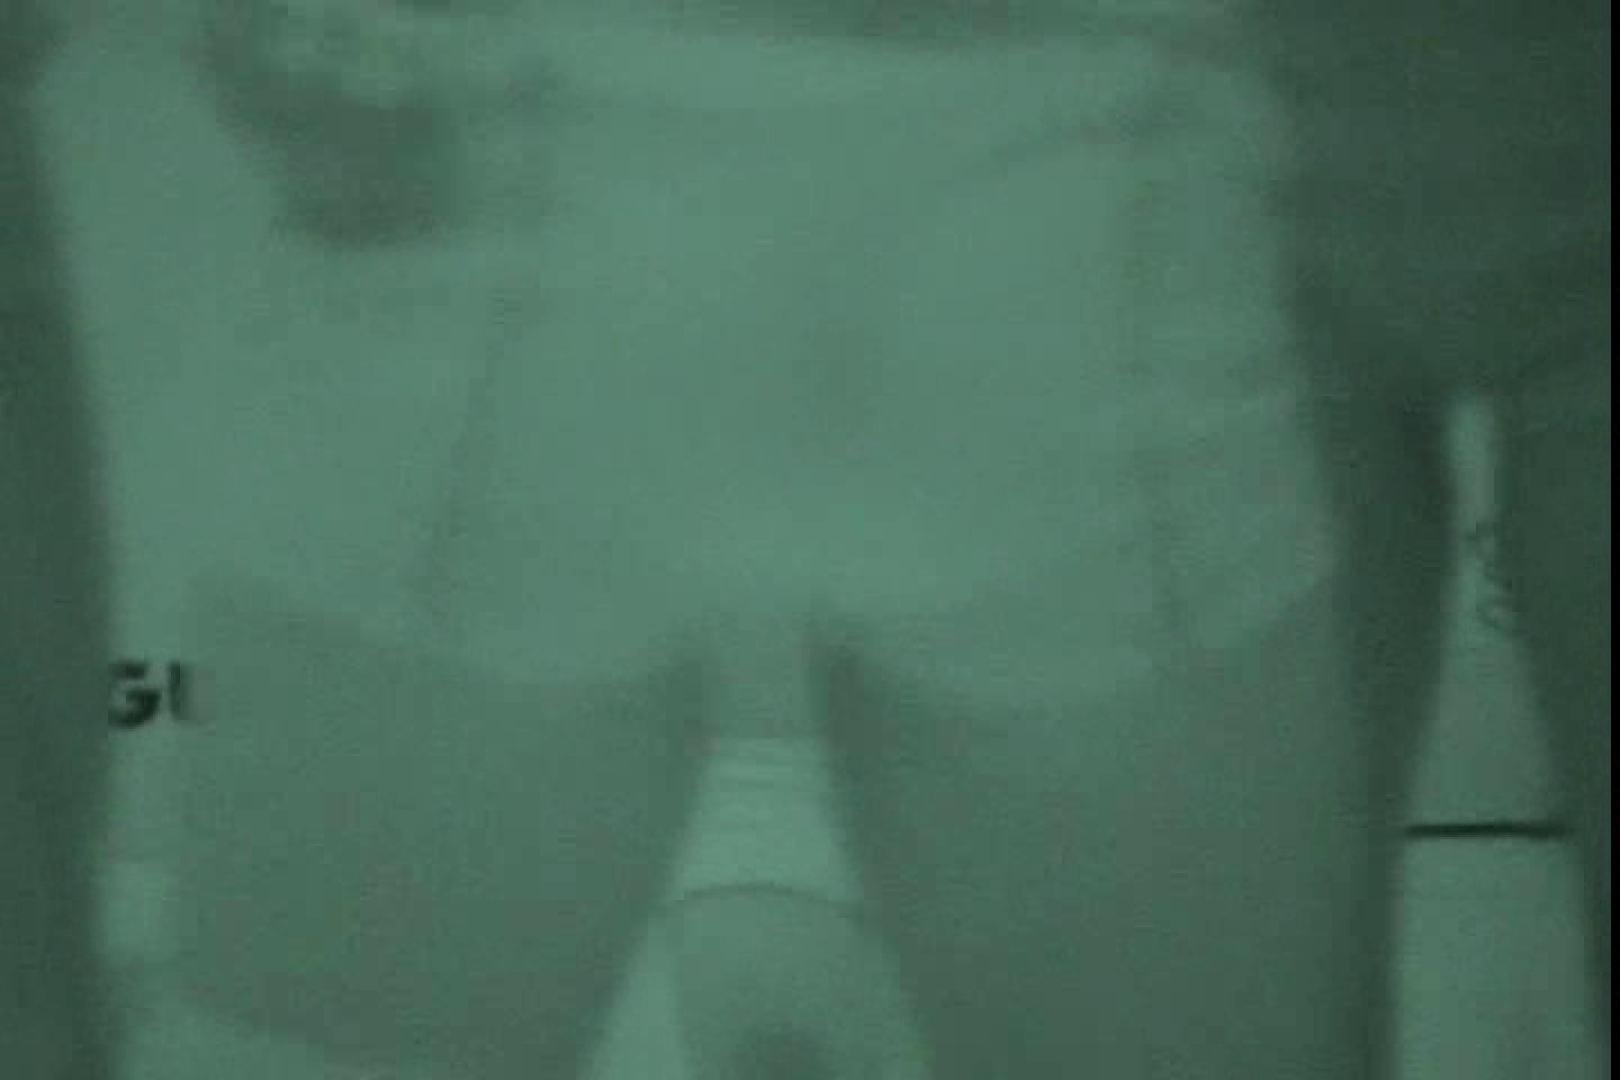 赤外線ムレスケバレー(汗) vol.09 パンツ 盗み撮りSEX無修正画像 92連発 83